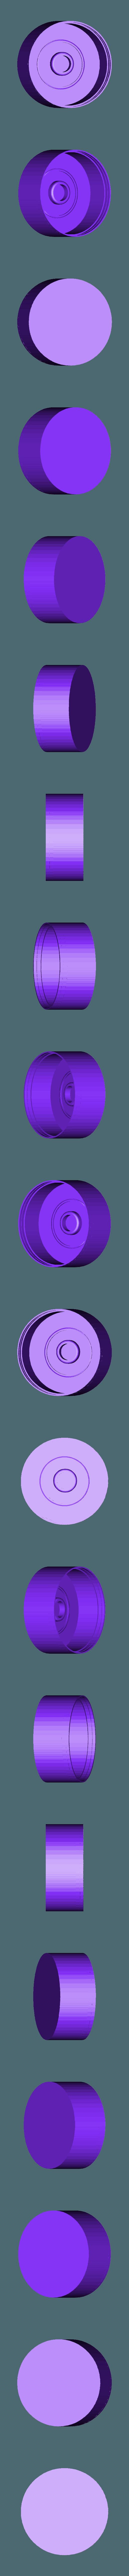 couvercle vinaigrette.stl Download free STL file couvercle vinaigrette • 3D printer design, trapjas